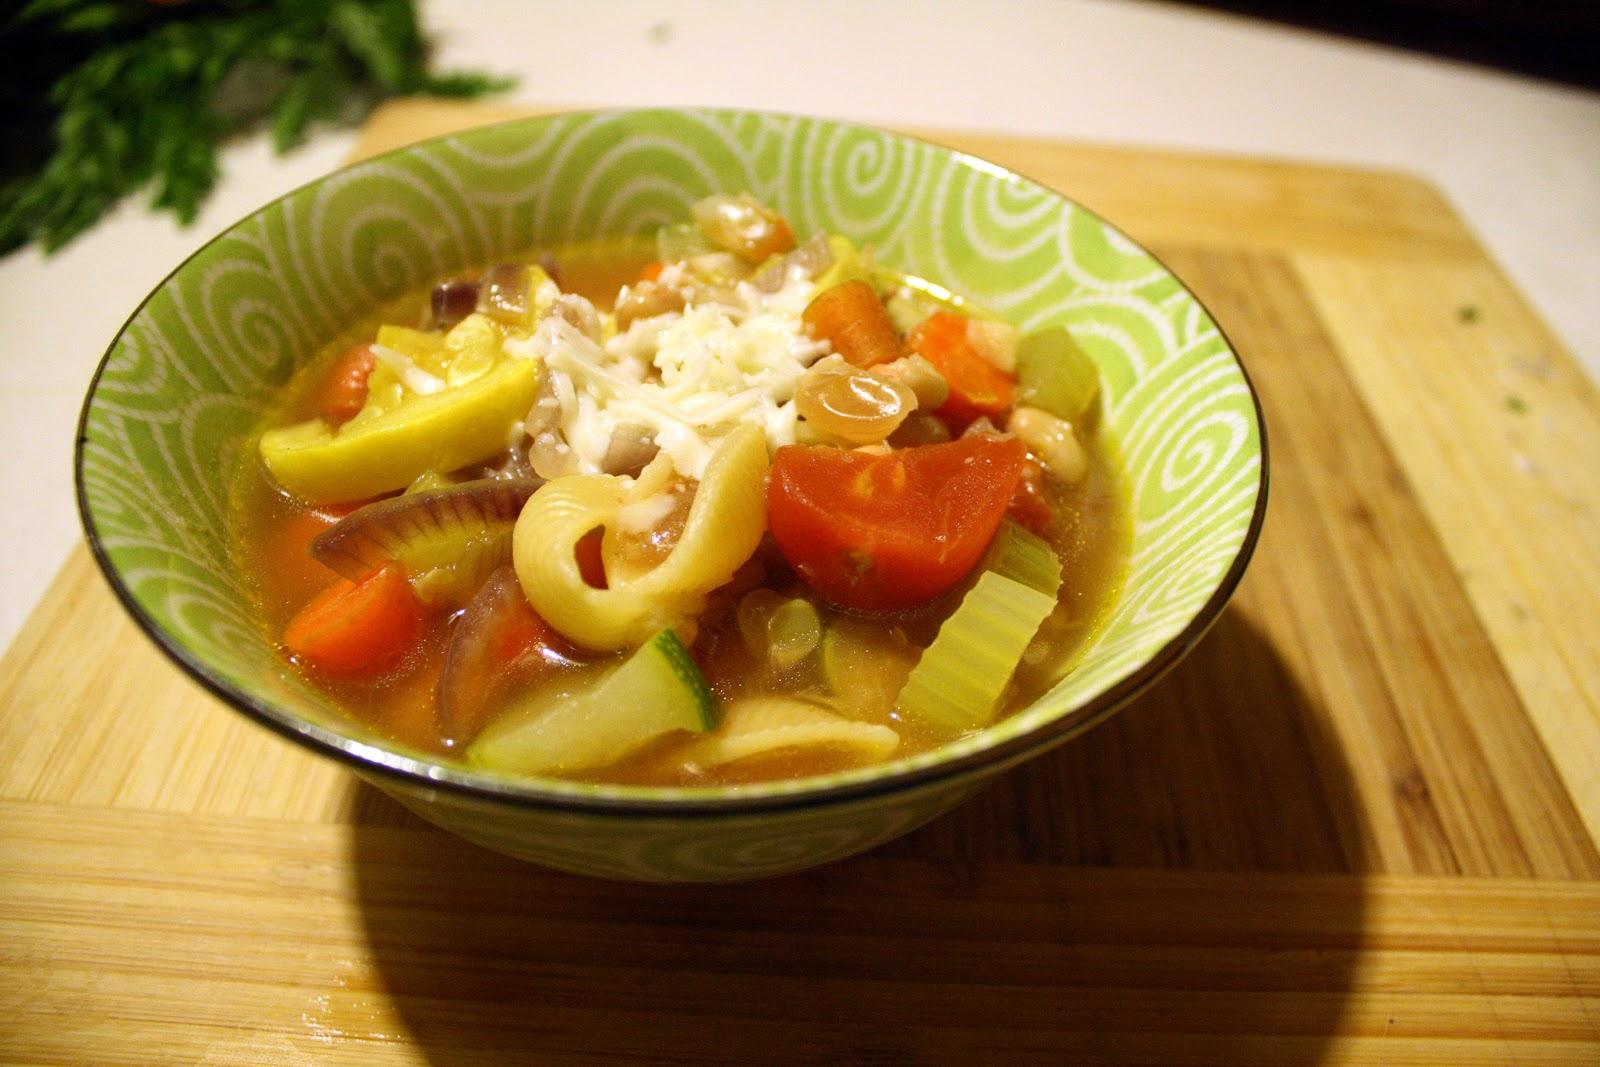 Artistic Eatables: Roasted Vegetable Minestrone